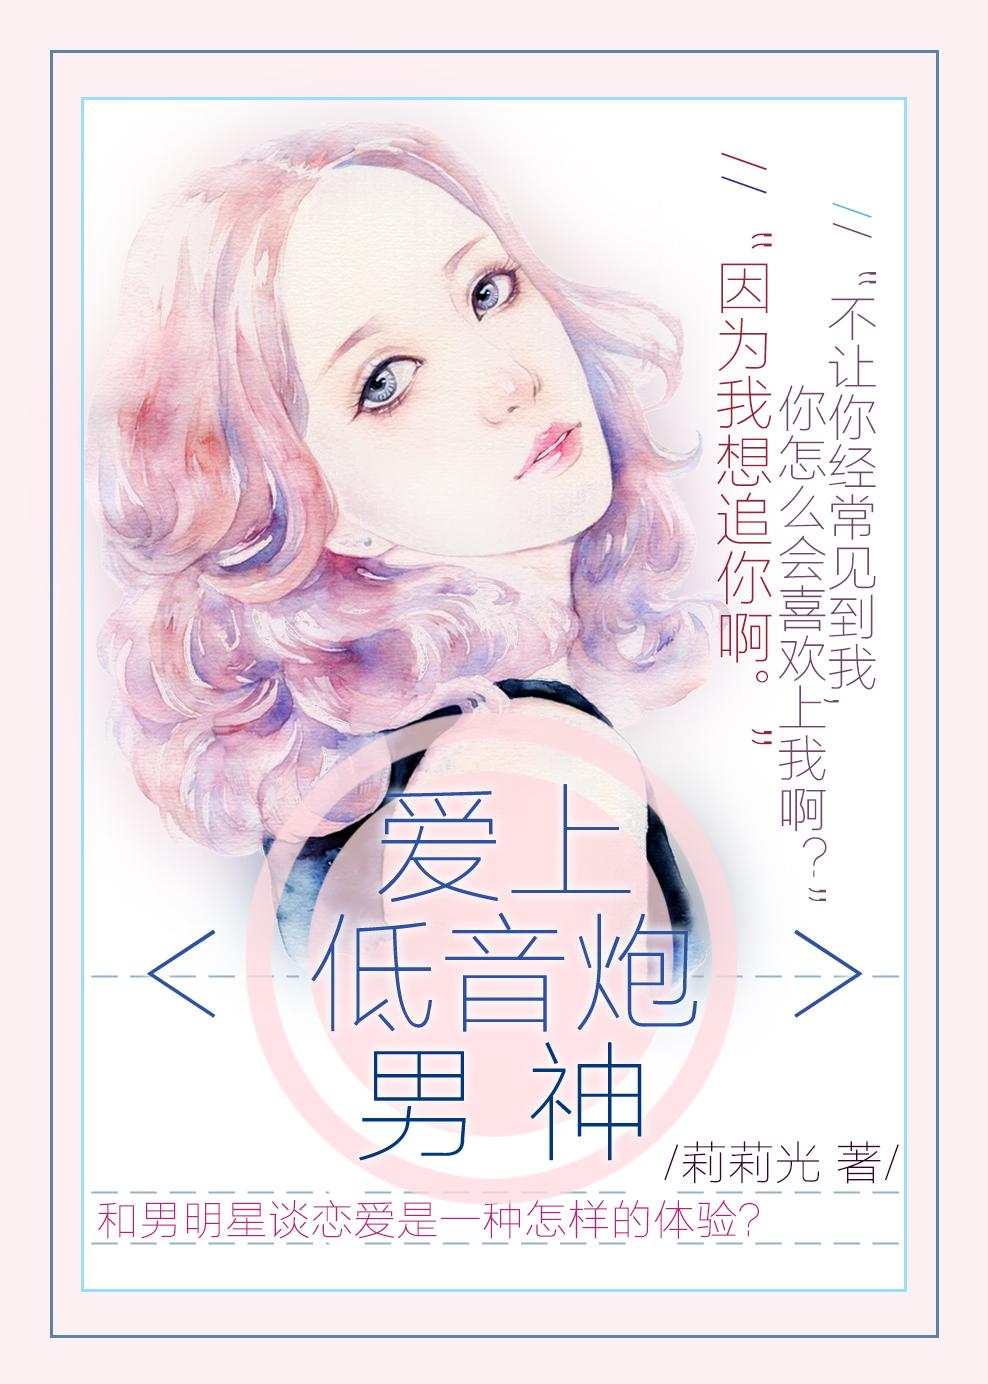 爱上低音炮男神(娱乐圈)